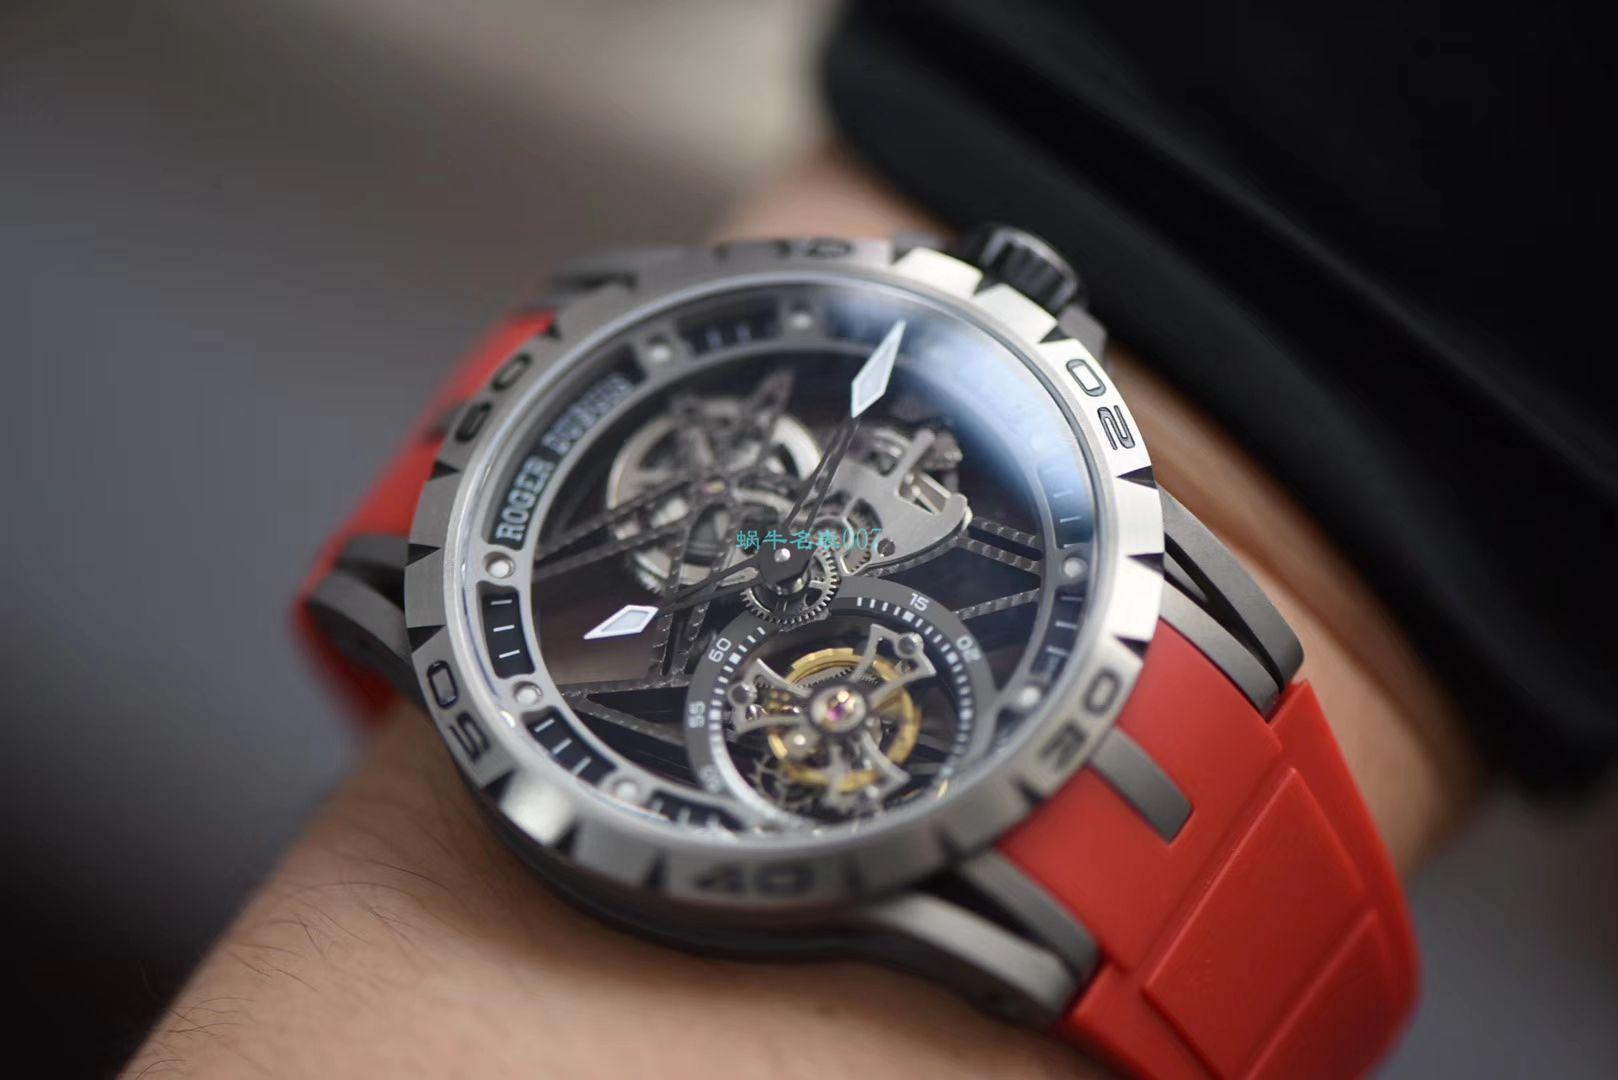 视频评测BBR厂官网顶级复刻陀飞轮罗杰杜彼Roger Dubuis王者系列RDDBEX0479红色表带腕表 / LJ067